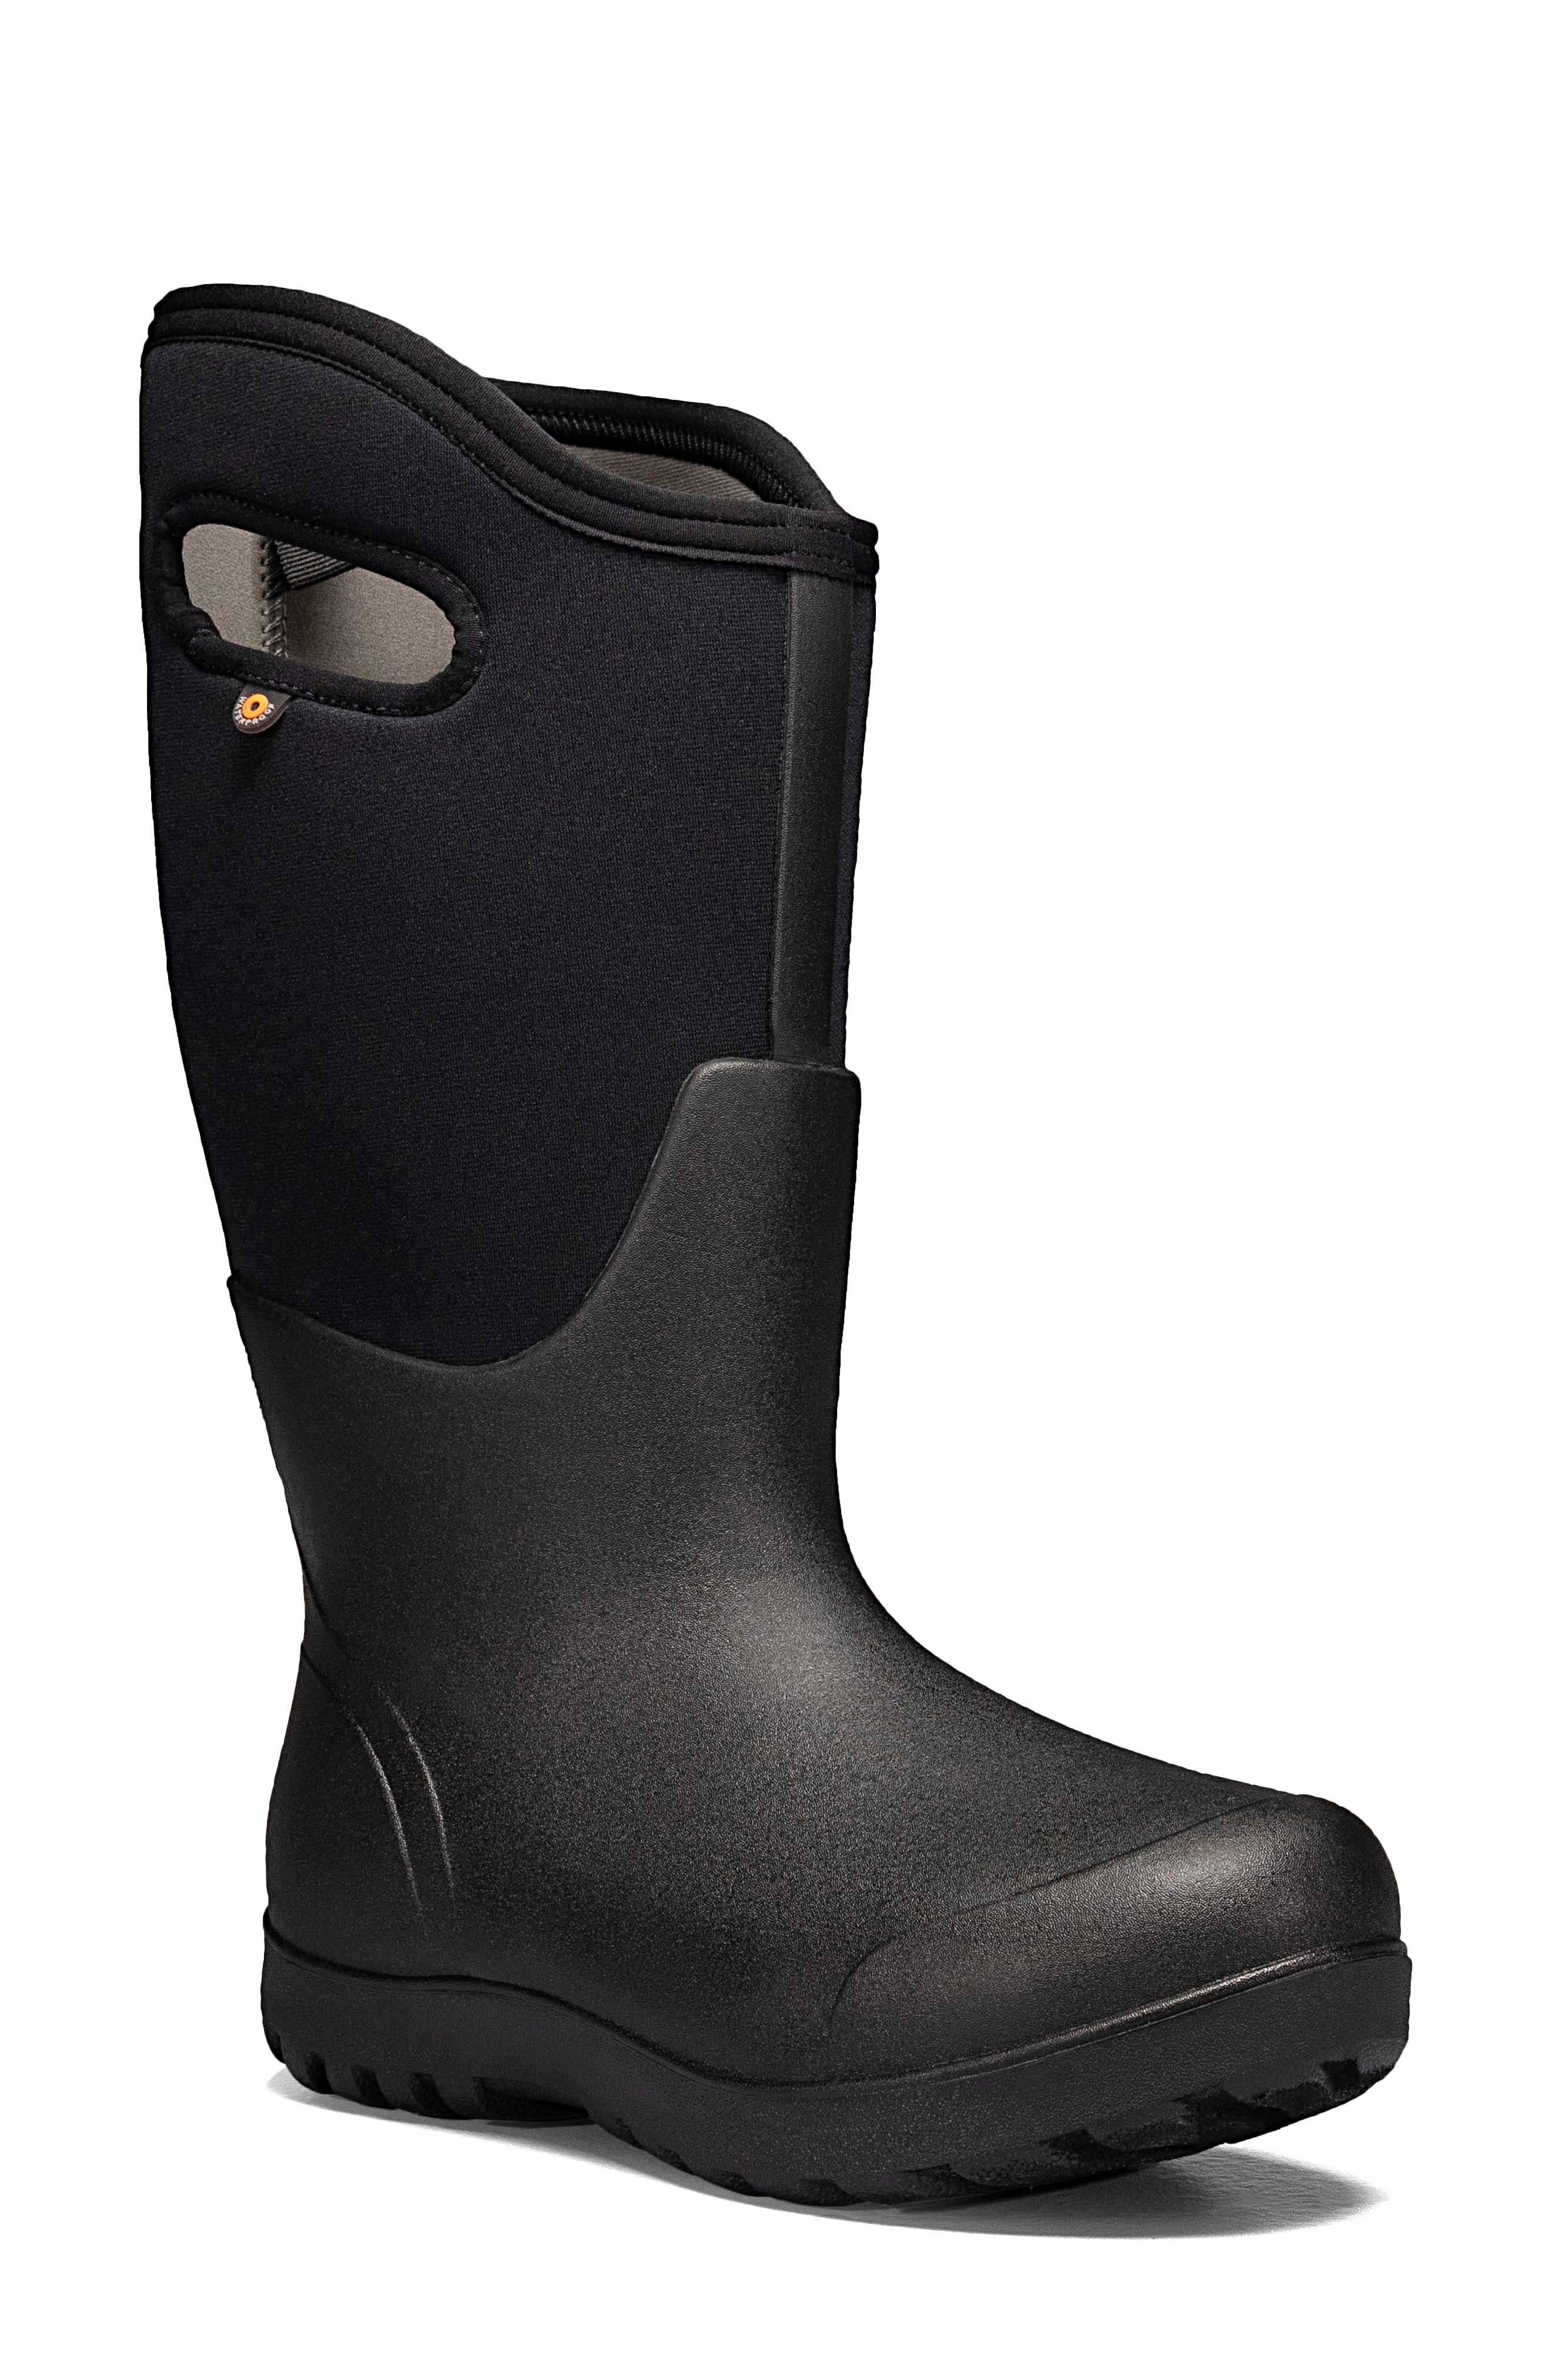 Neo Classic Waterproof Knee High Rain Boot